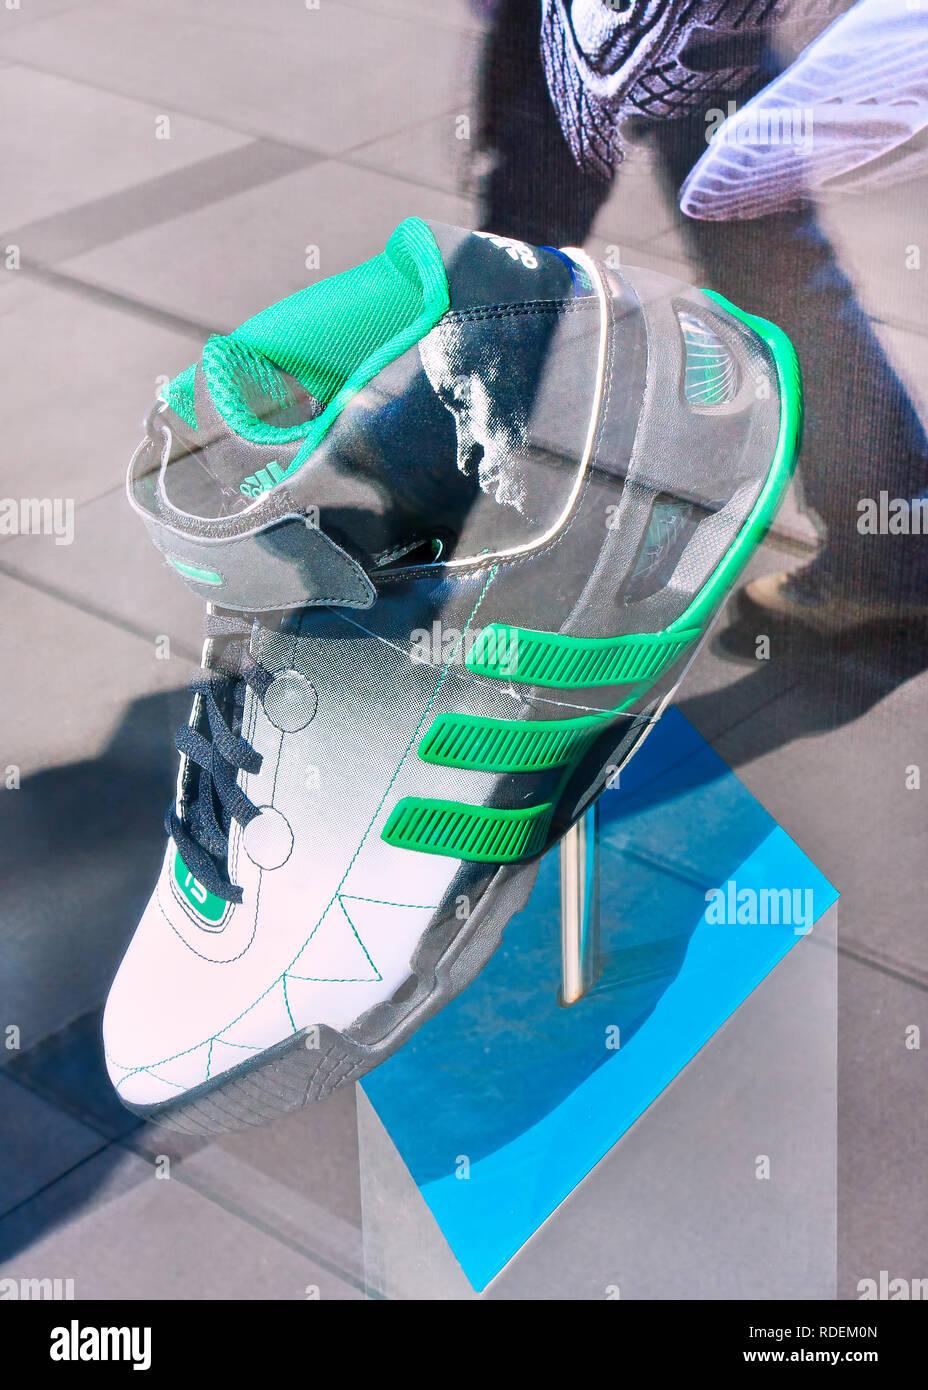 new concept d3cbd 17c22 Adidas calzatura visualizzato. Compagnia Adidas Sport è entrato in Cina e  con sede a Shanghai